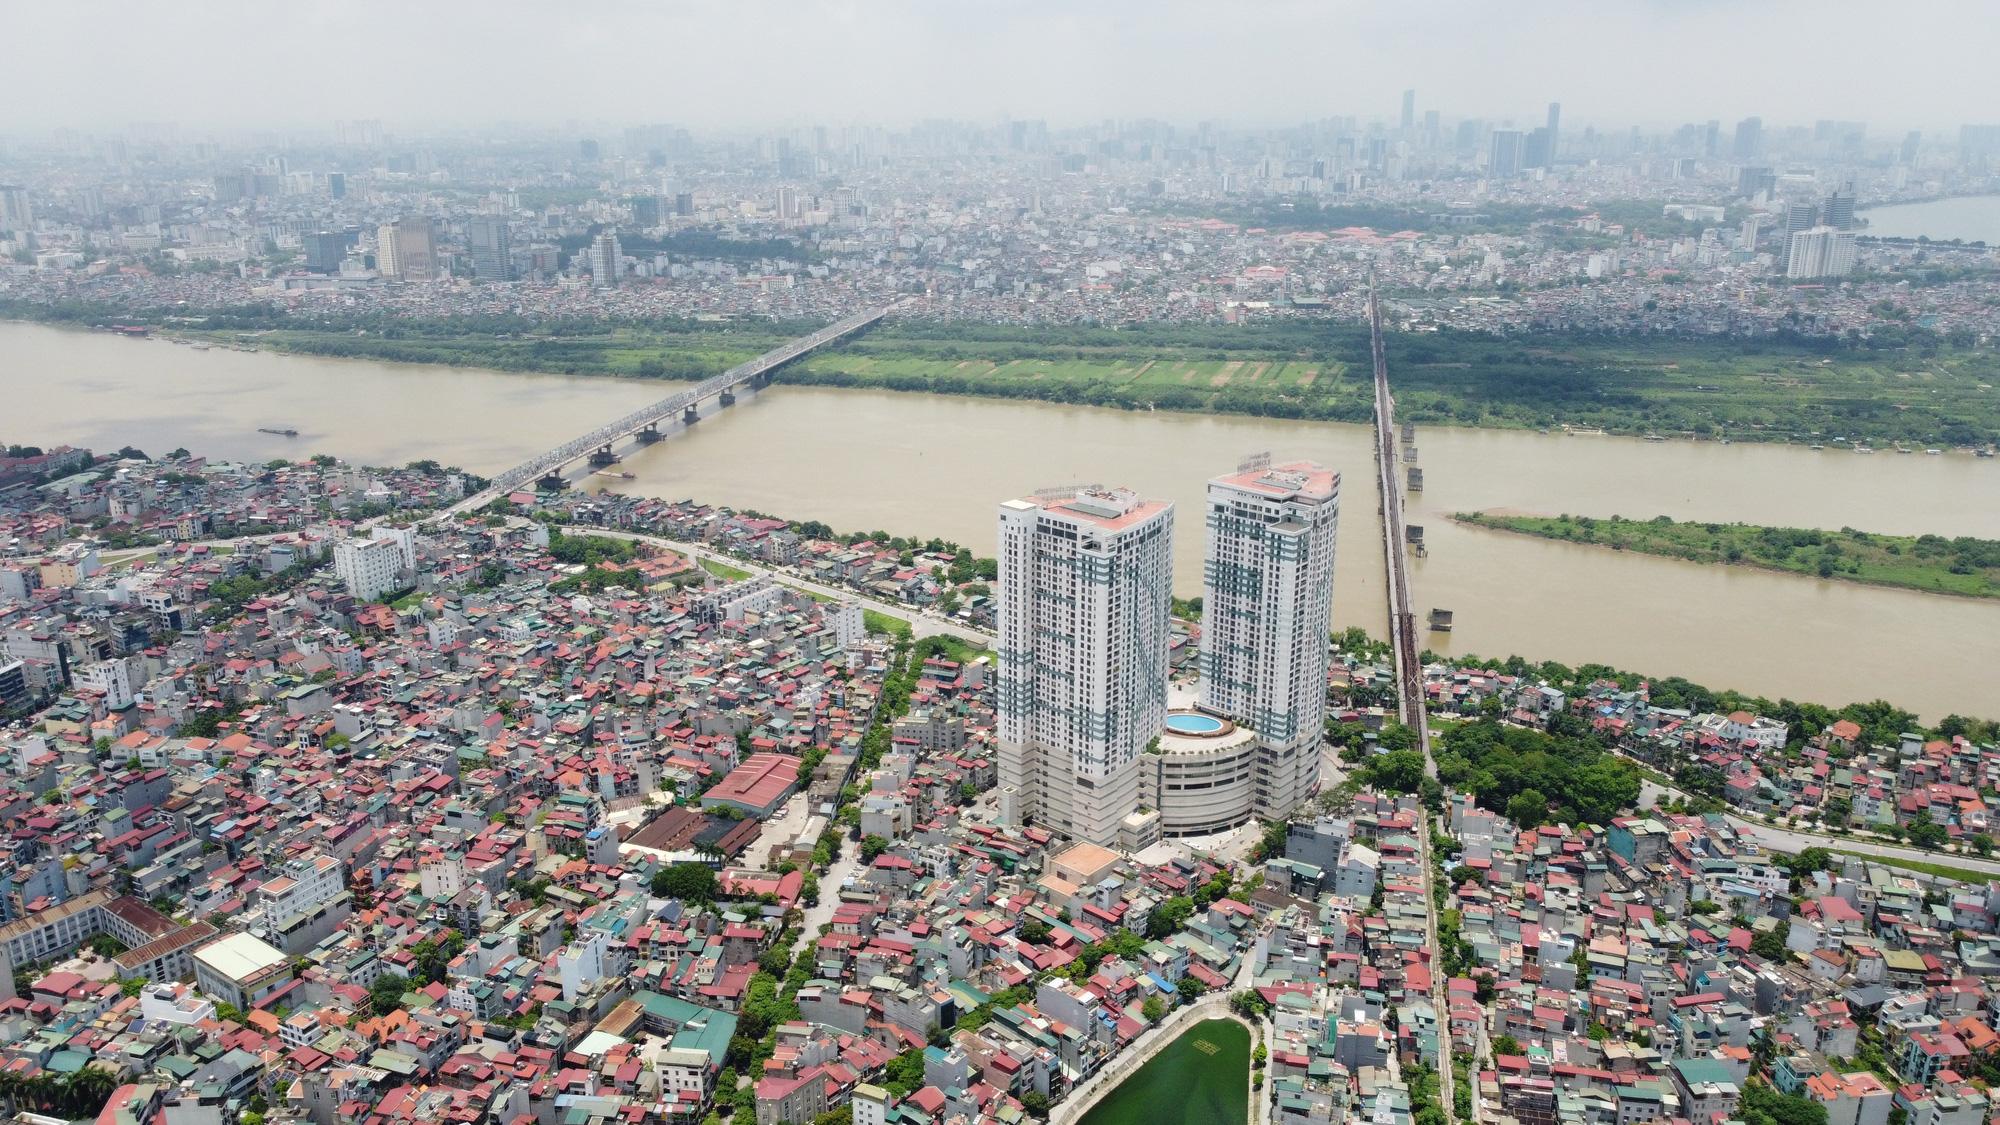 Quy hoạch phân khu sông Hồng: 5 khu dân cư dự kiến di dời, 26 khu vực giữ nguyên  - Ảnh 1.